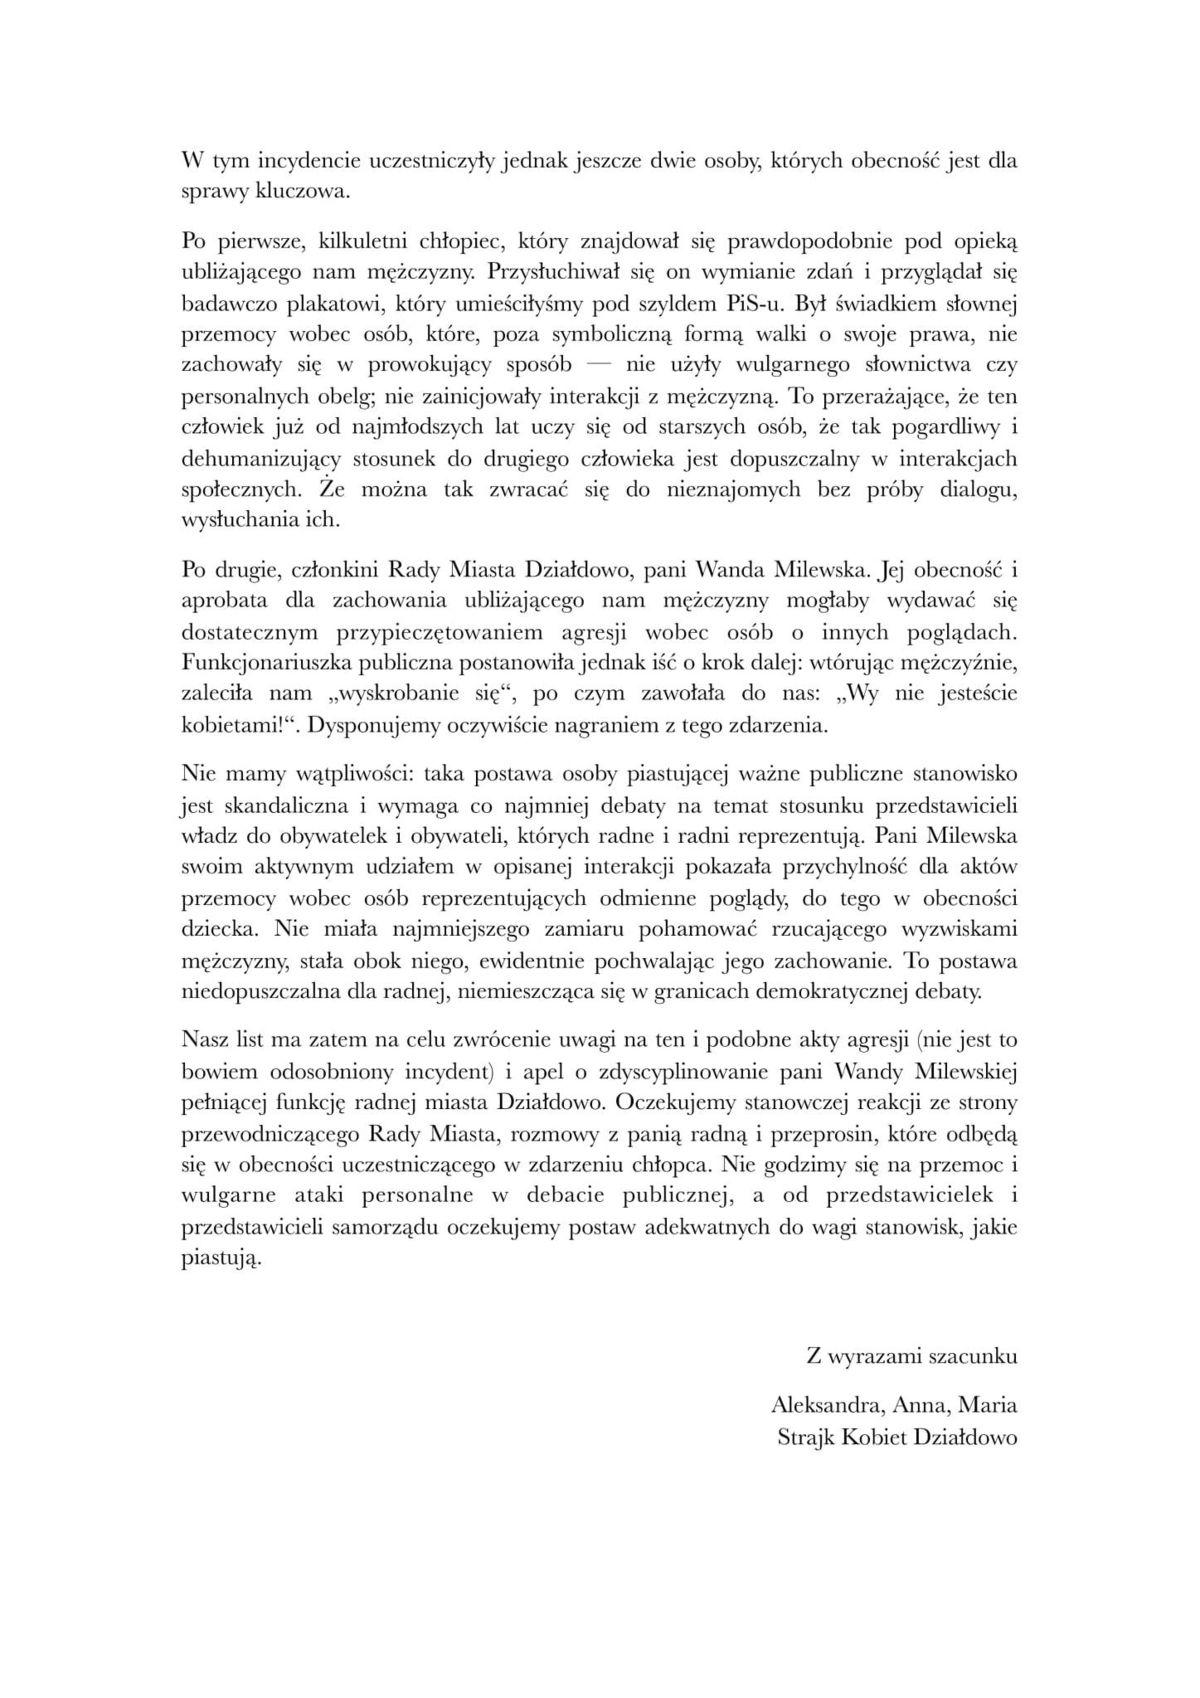 List otwarty do Przewodniczącego Rady Miasta Działdowo Strona 2